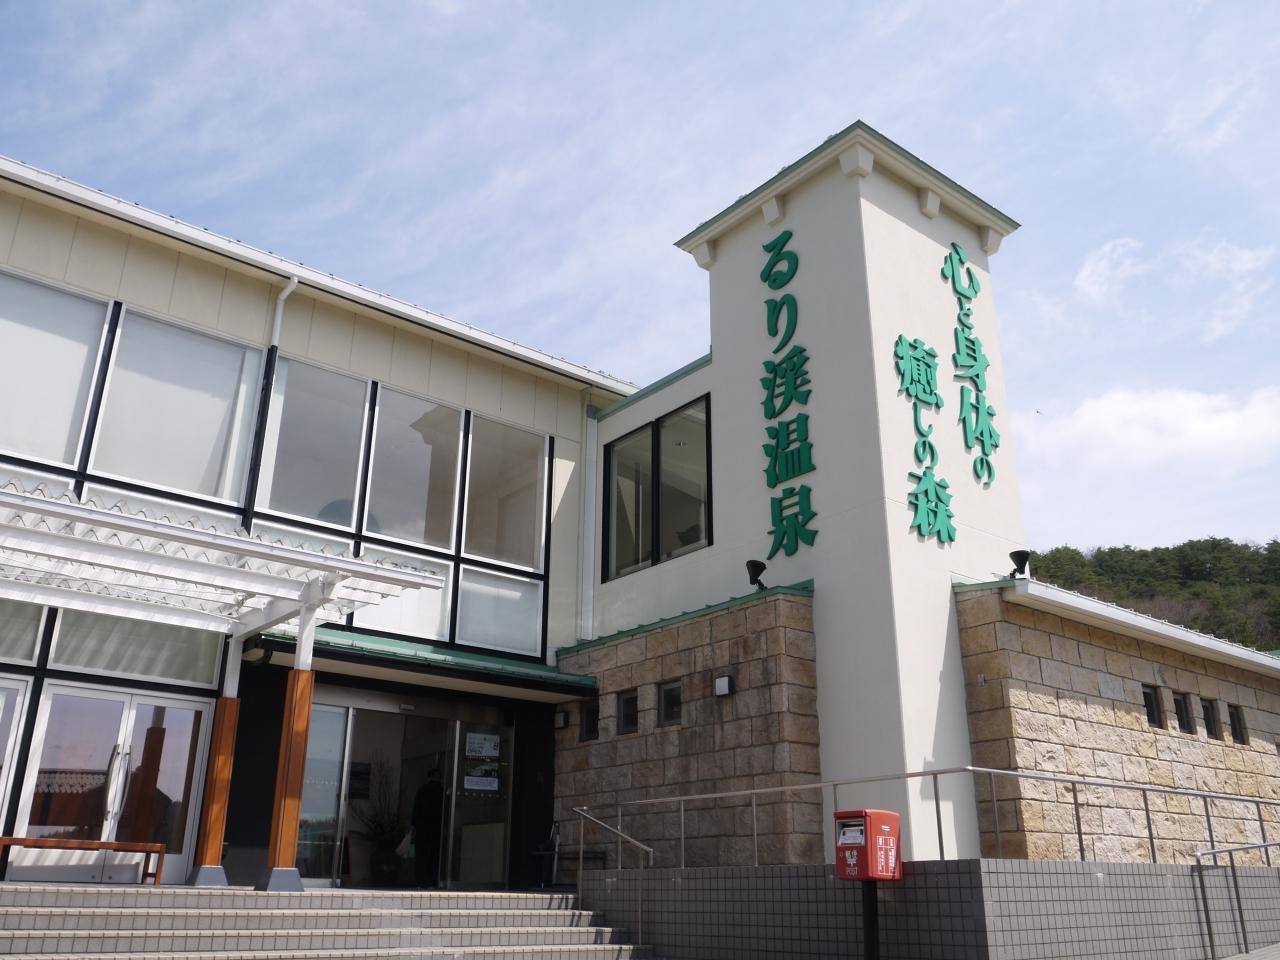 京都「るり渓温泉」でリフレッシュ!豪華な食事やランタンテラスのある旅館をご紹介!